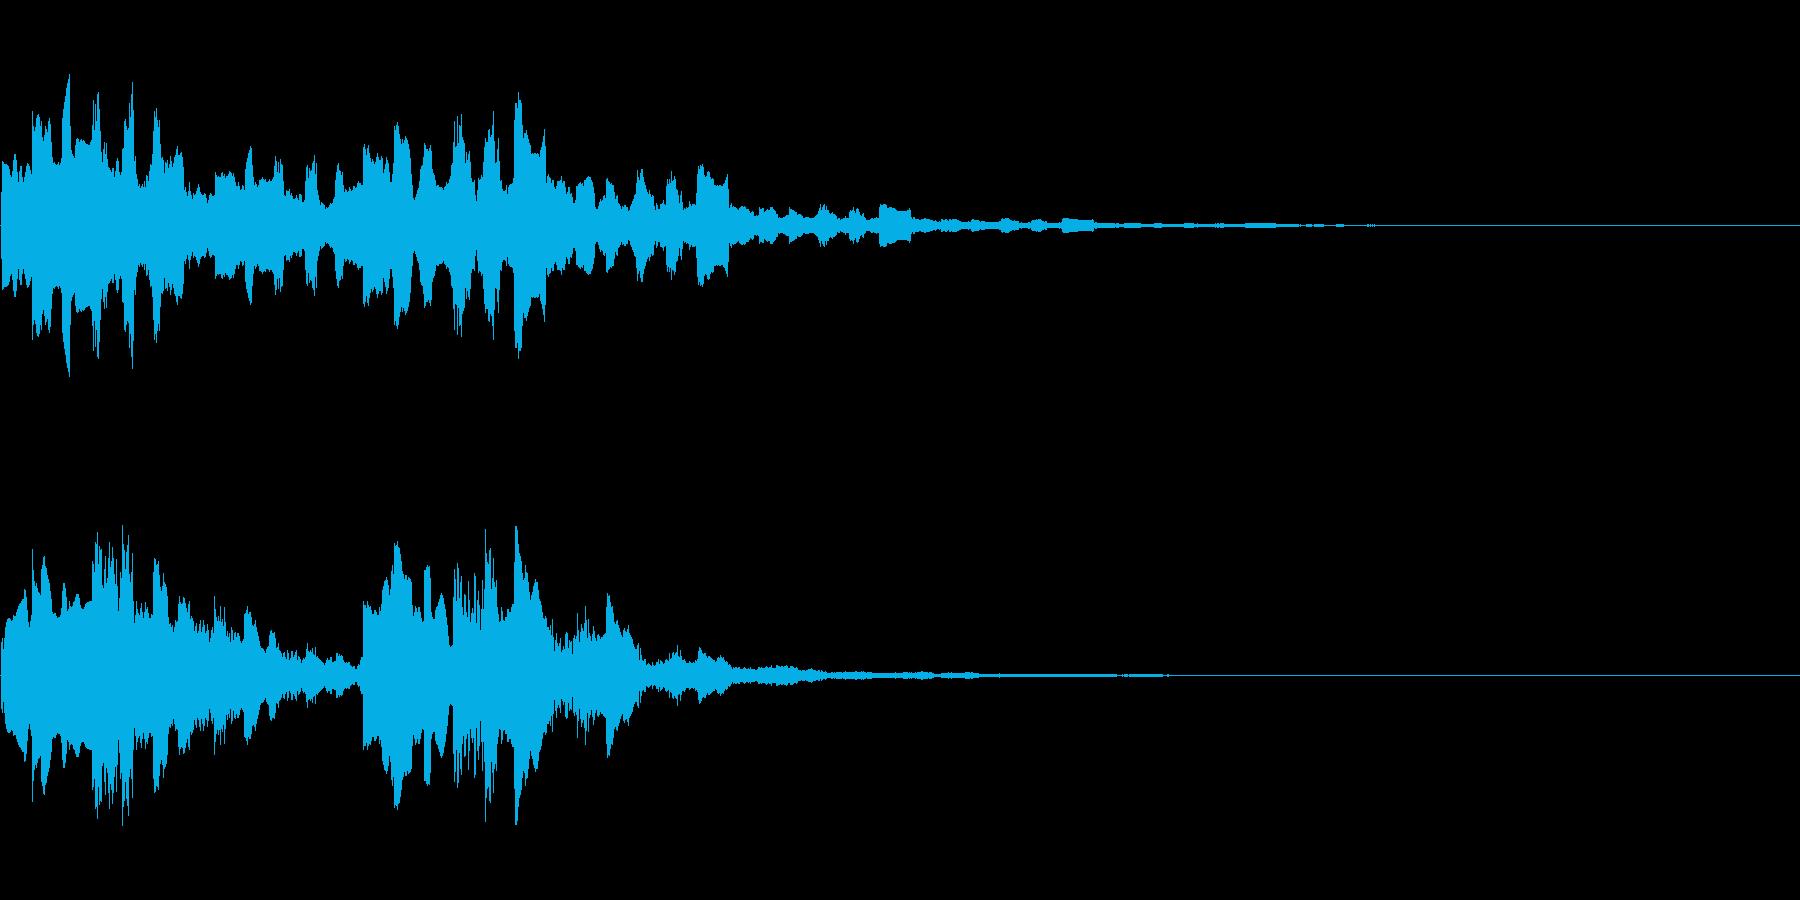 KANT入店音系アイキャッチ2回の再生済みの波形